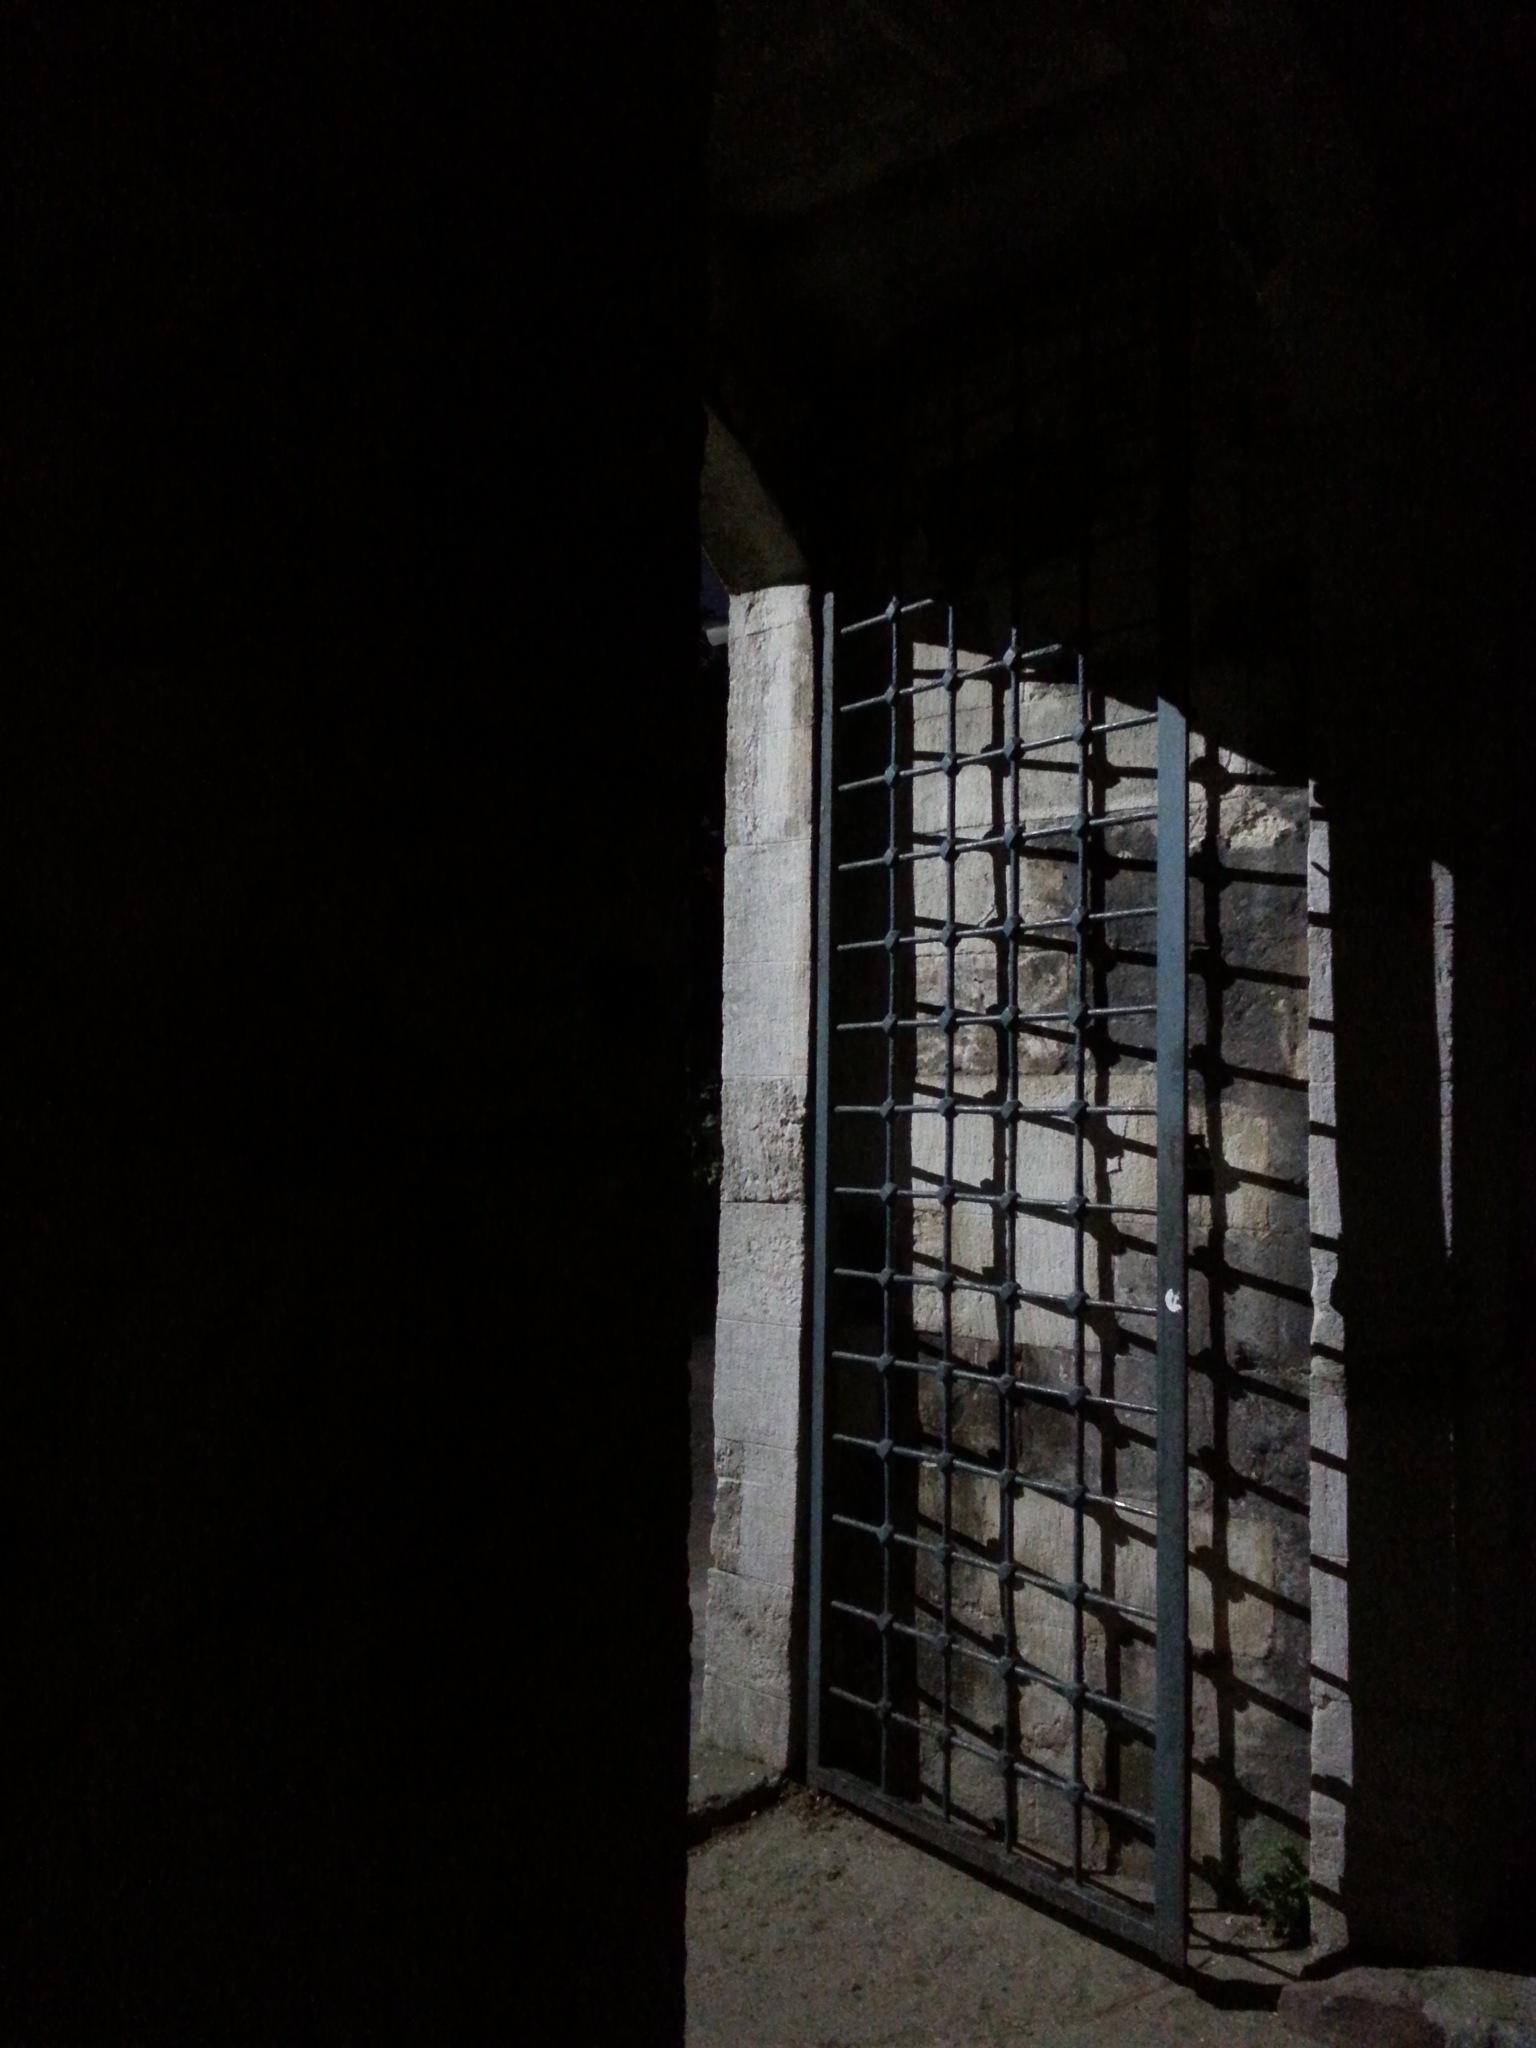 Karanlık! by Demet Alper